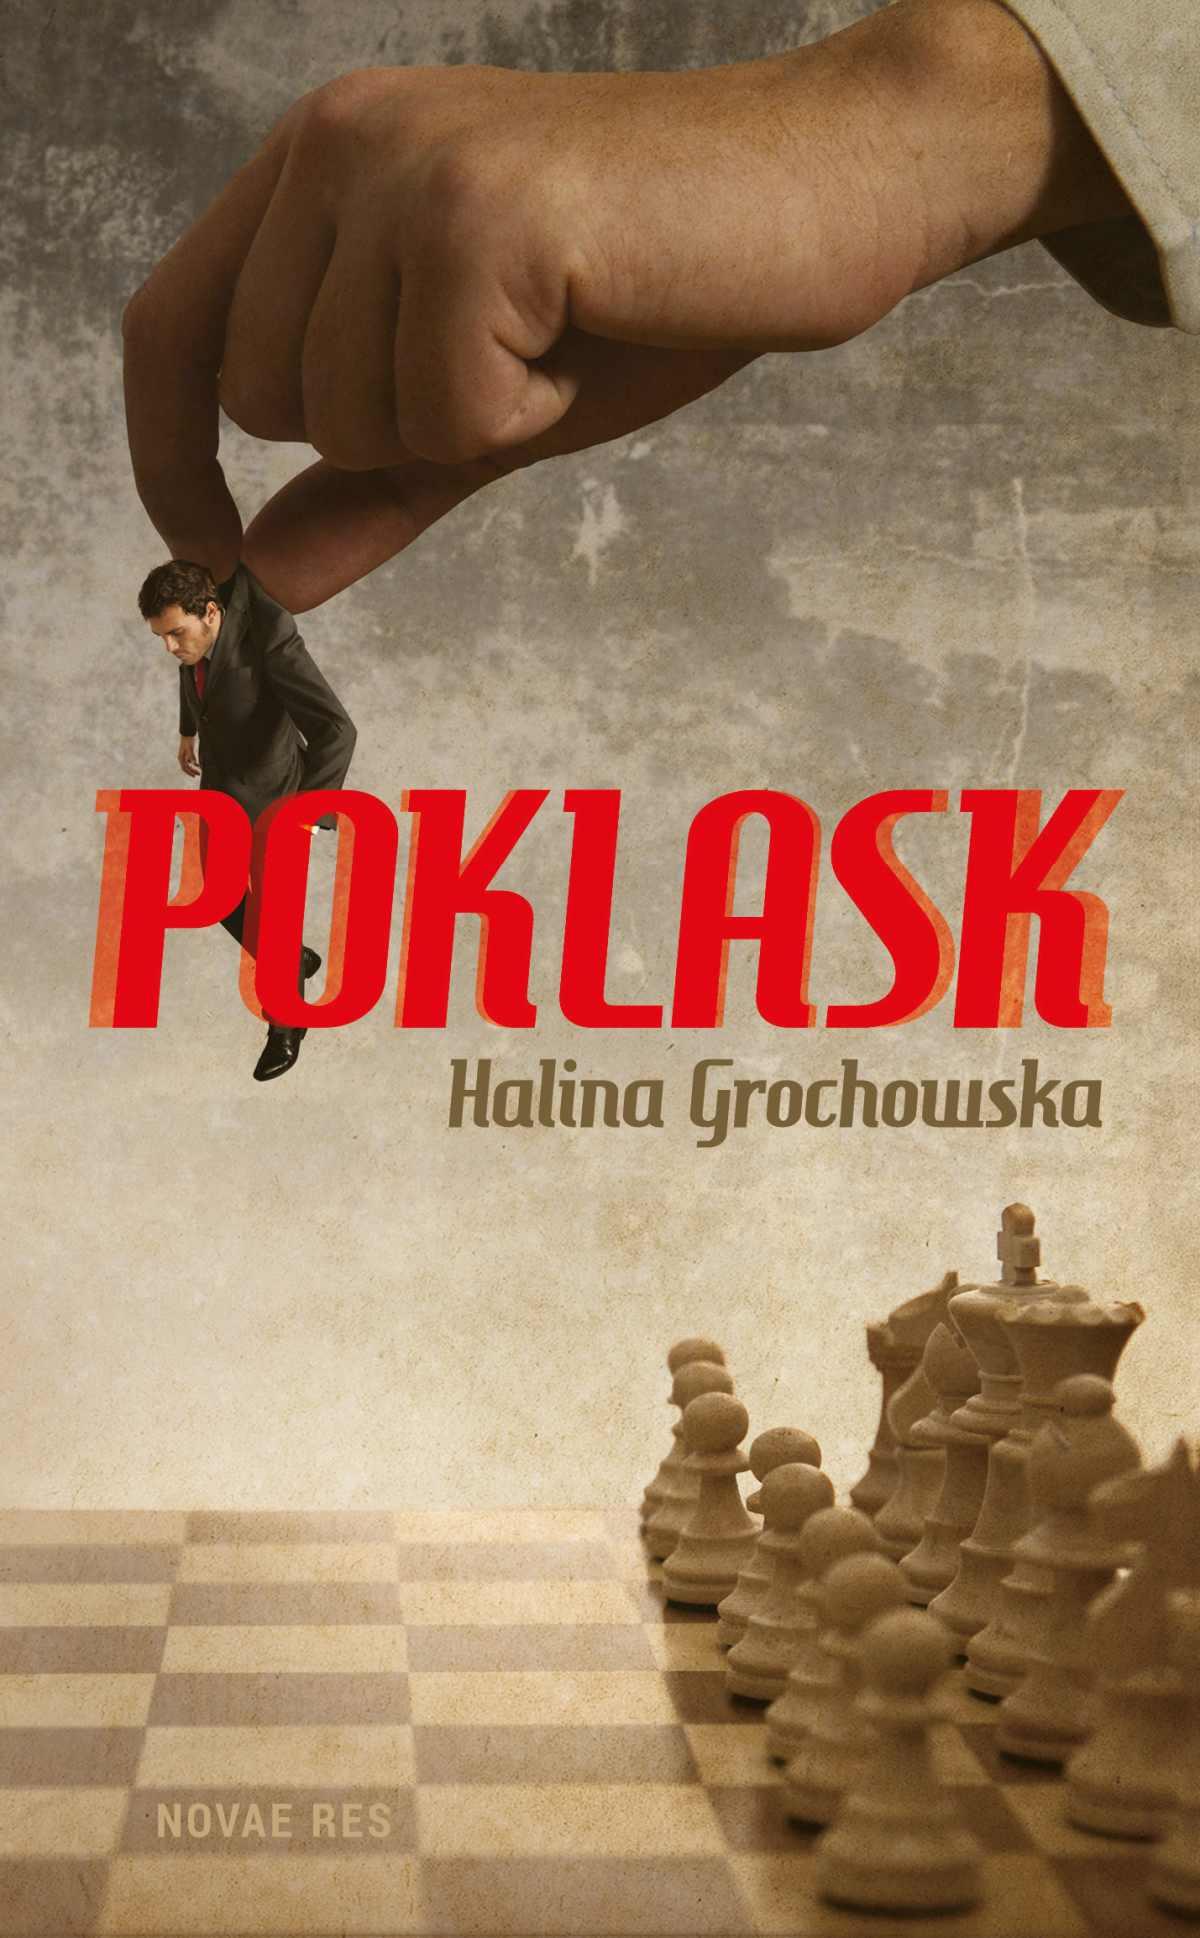 Poklask - Ebook (Książka EPUB) do pobrania w formacie EPUB